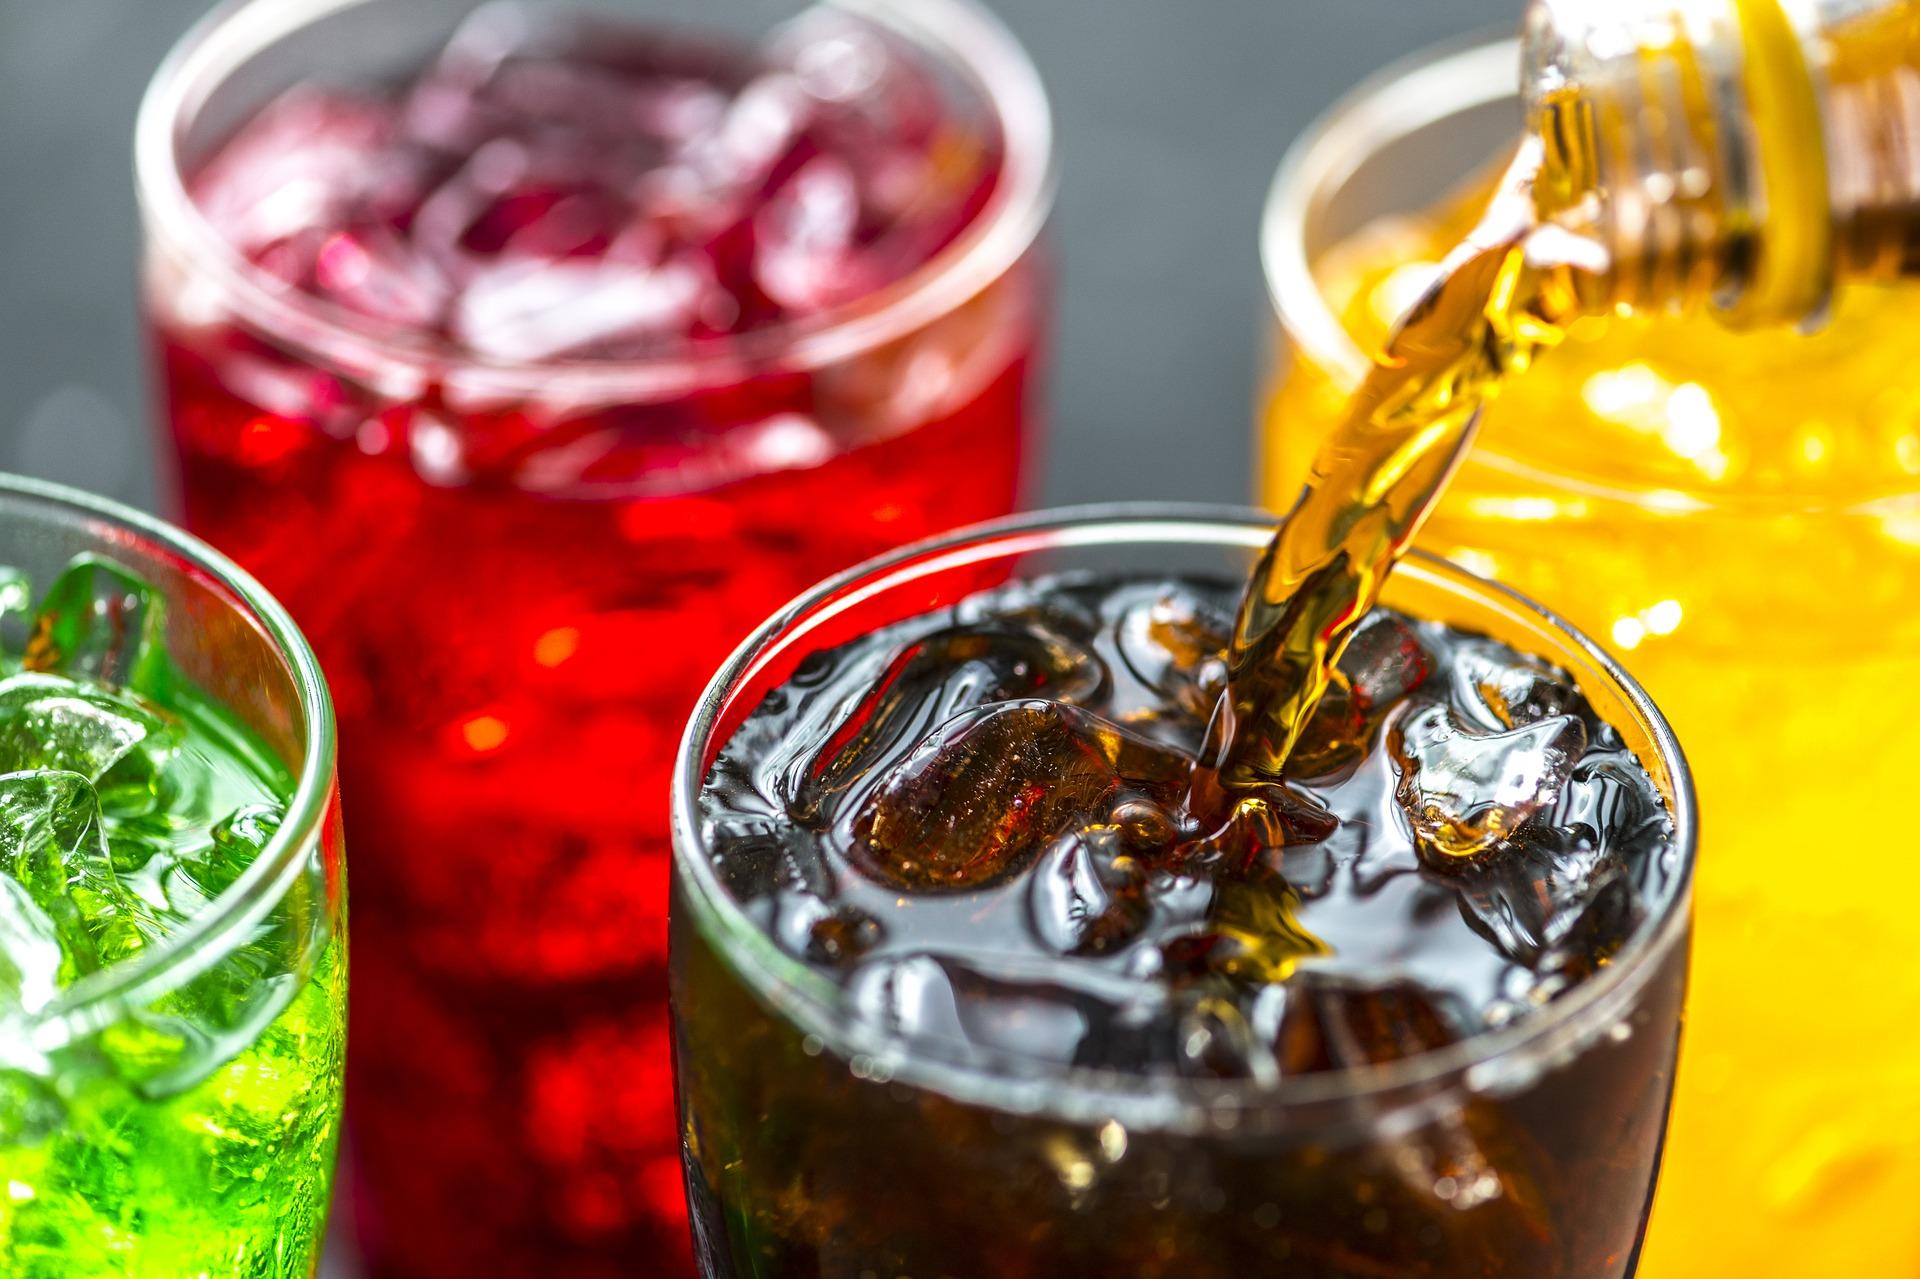 Podatek cukrowy. Przedsiębiorcy apelują o odroczenie zmian